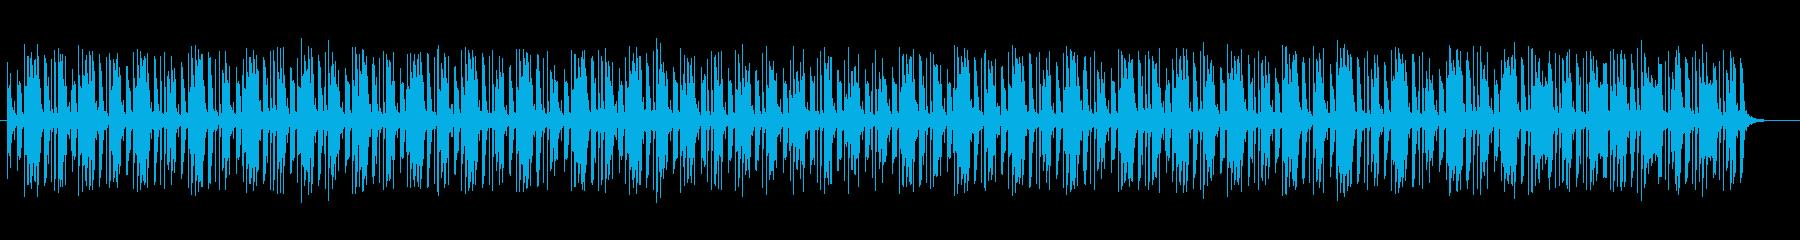 ポップで可愛いシンセサイザーの曲の再生済みの波形